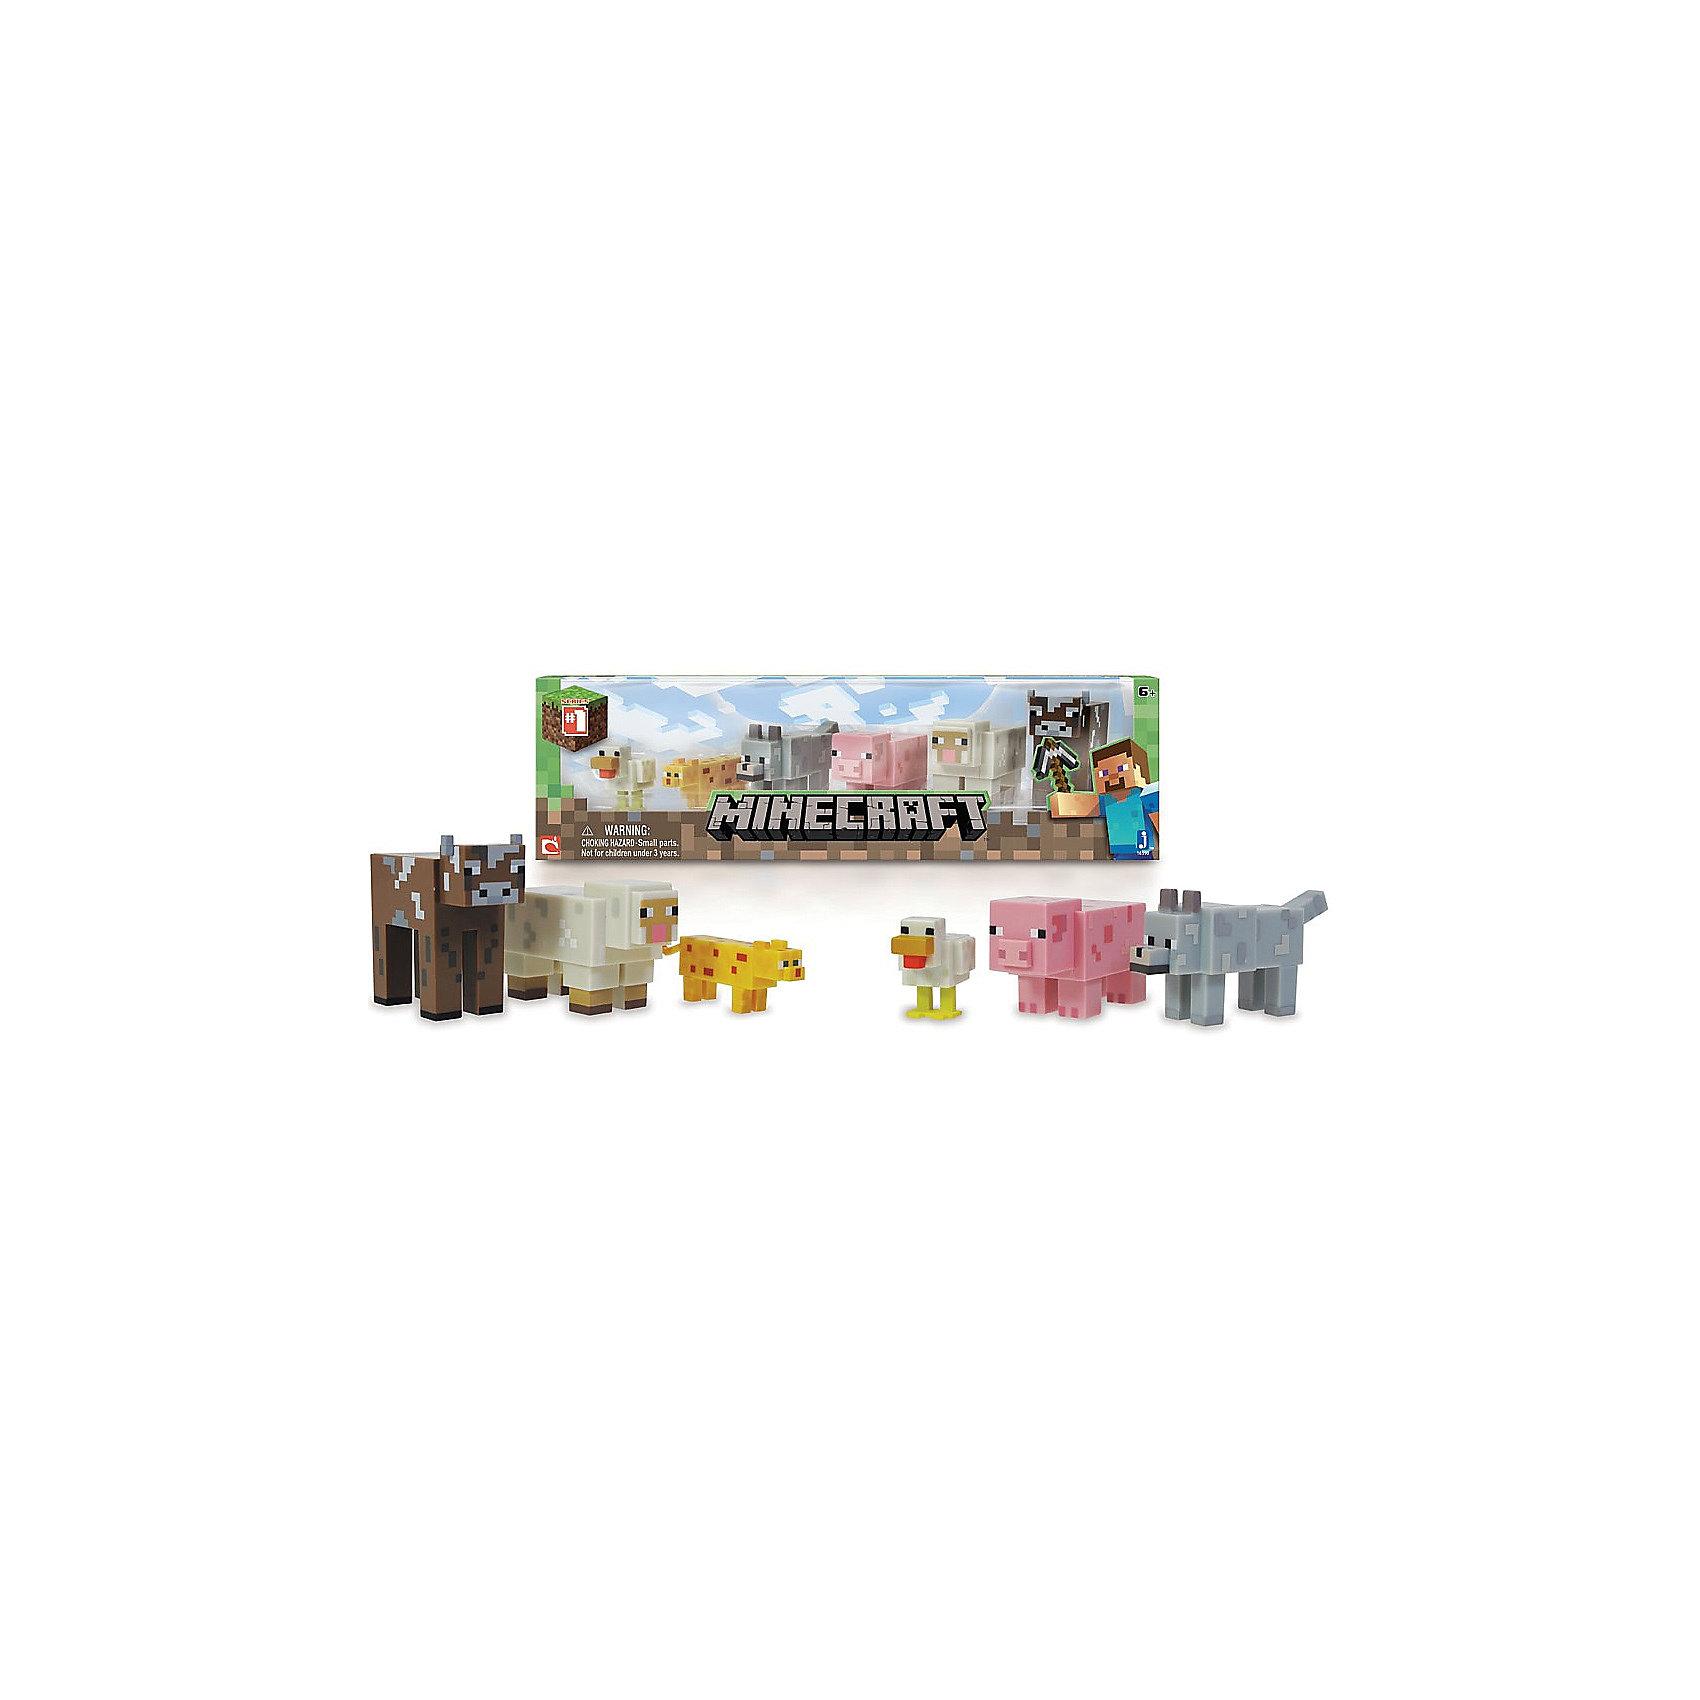 Игровой набор Живтоные, MinecraftЛюбимые герои<br>Игровой набор Животные, Minecraft – это прекрасный подарок для поклонника популярной игры Minecraft.<br>Игровой набор Животные приведет в восторг поклонников компьютерной игры Minecraft. Теперь ваш ребенок сможет отвлечься от компьютера или планшета, не отрываясь от любимой забавы! Животные в игре «Майнкрафт» - это источник ценных ресурсов и вообще повод извлечь для себя какую-нибудь пользу. Хотя некоторых зверей, определенно, стоит сторониться. В игровом наборе по мотивам знаменитой игры Minecraft содержатся 6 стилизованных фигурок животных в фирменном и уникальном пикселизированном стиле. Фигурки созданы из качественного пластика, их очень приятно держать в руках, их головы и конечности подвижные. Фигурки прекрасно детализированы, реалистично раскрашены, очень похожи на персонажей компьютерной игры.<br><br>Дополнительная информация:<br><br>- В наборе подвижные фигурки: курица, оцелот, ручной волк, свинья, овца, корова<br>- Материал: пластик<br>- Размер упаковки: 14,5х5х17,5см.<br><br>Игровой набор Животные, Minecraft можно купить в нашем интернет-магазине.<br><br>Ширина мм: 145<br>Глубина мм: 50<br>Высота мм: 175<br>Вес г: 225<br>Возраст от месяцев: 72<br>Возраст до месяцев: 144<br>Пол: Унисекс<br>Возраст: Детский<br>SKU: 4655080